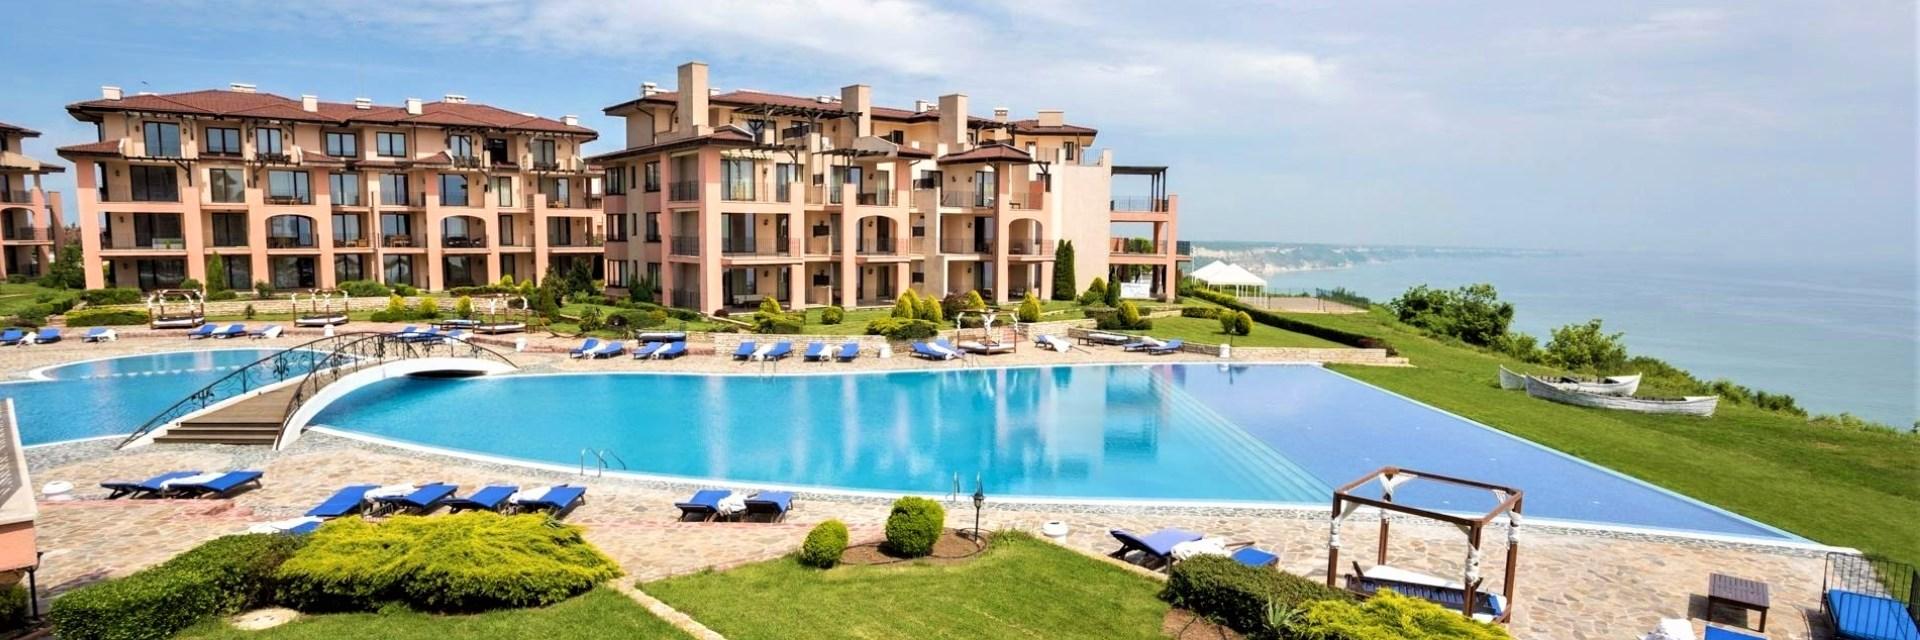 Apartament mobilat cu trei camere in Kaliakria resort